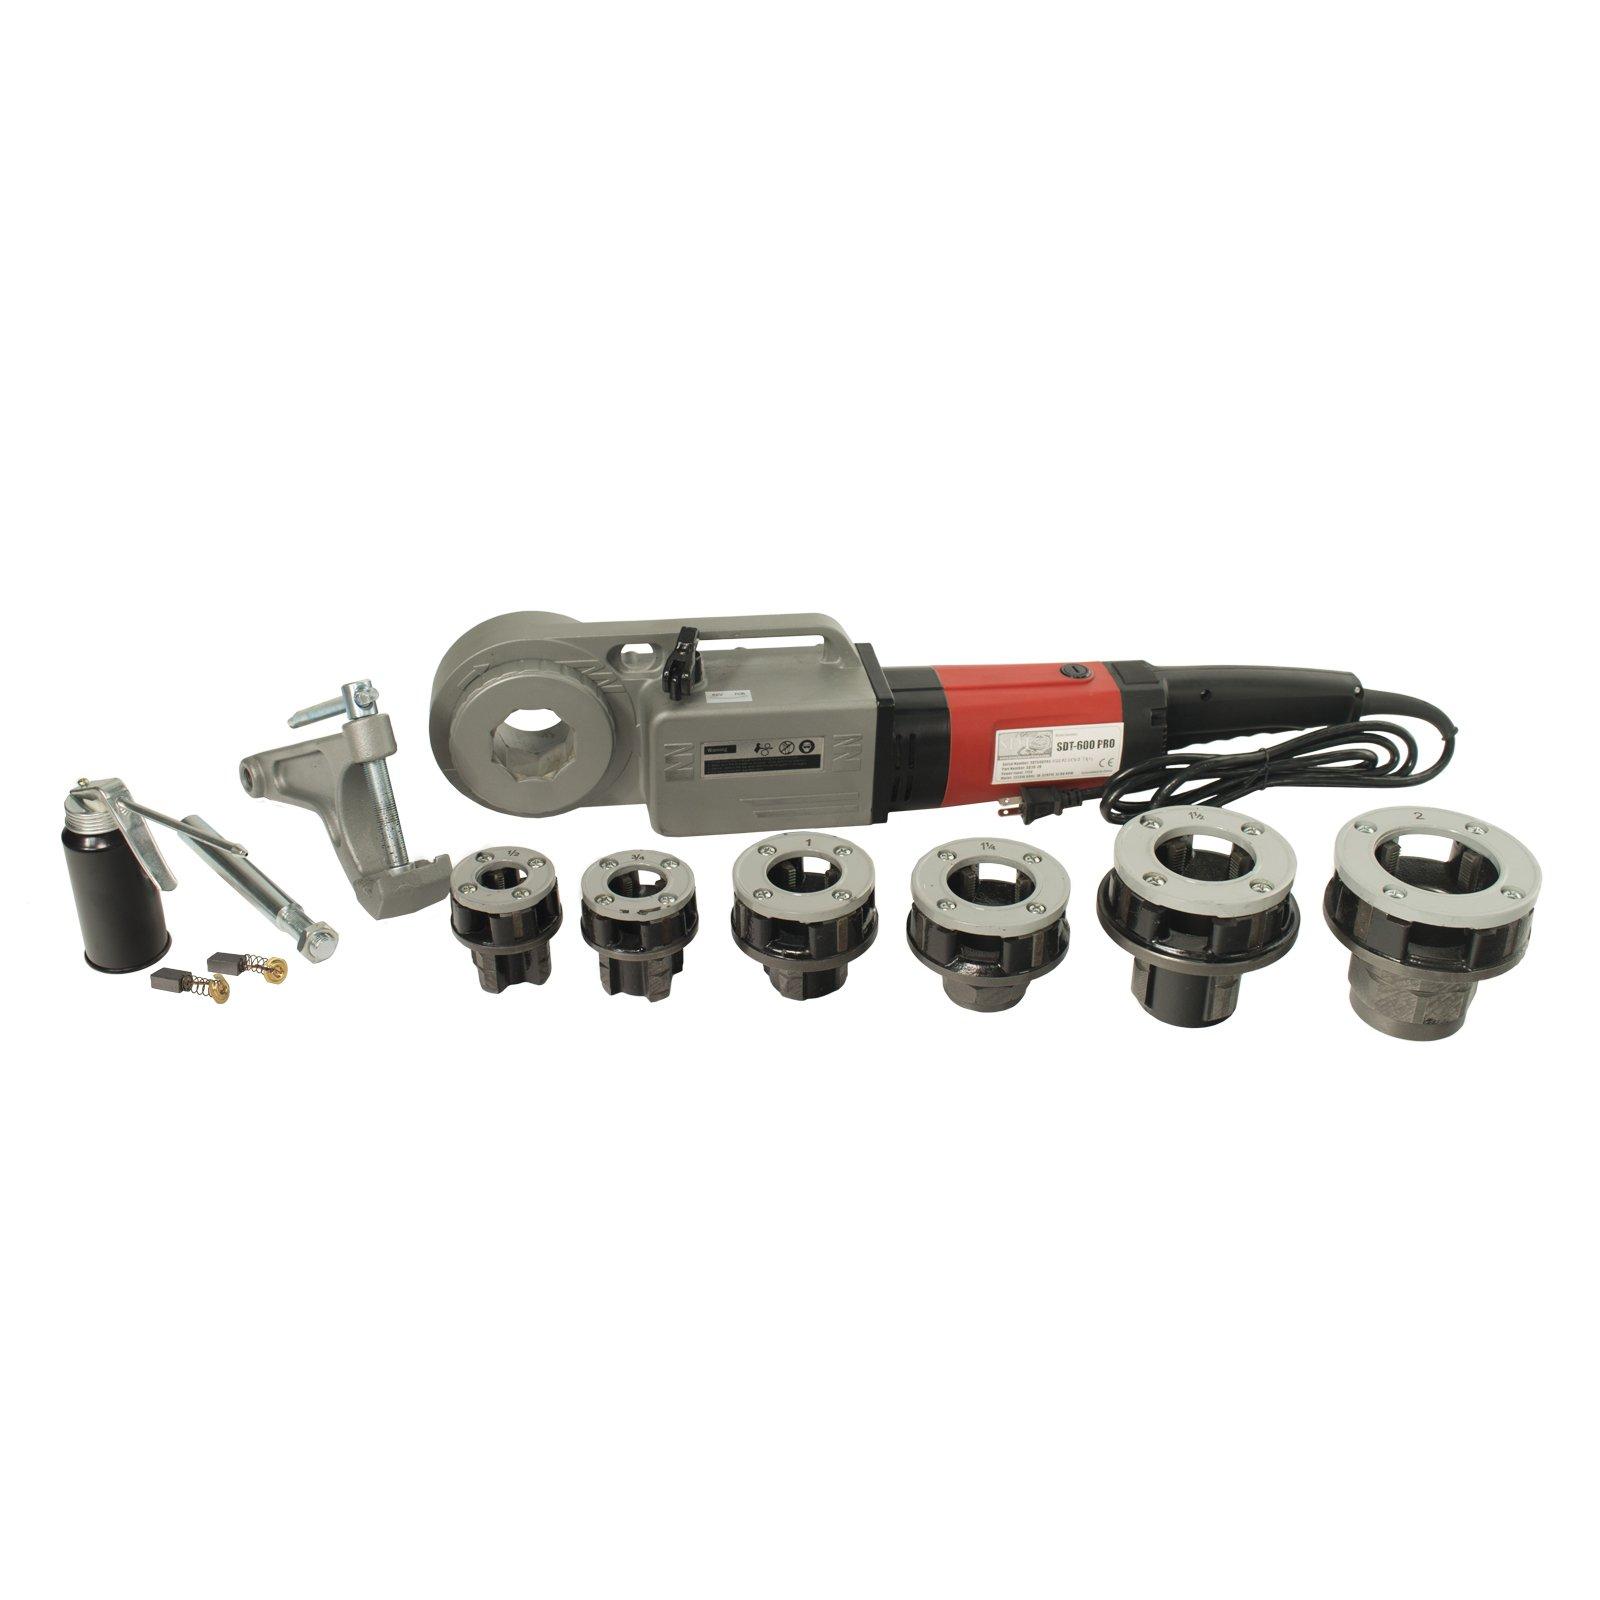 Steel Dragon Tools 600 Pro 1/2''-2'' Pipe Threader 16013 fits RIDGID 11-R Die Heads, 12-R Dies